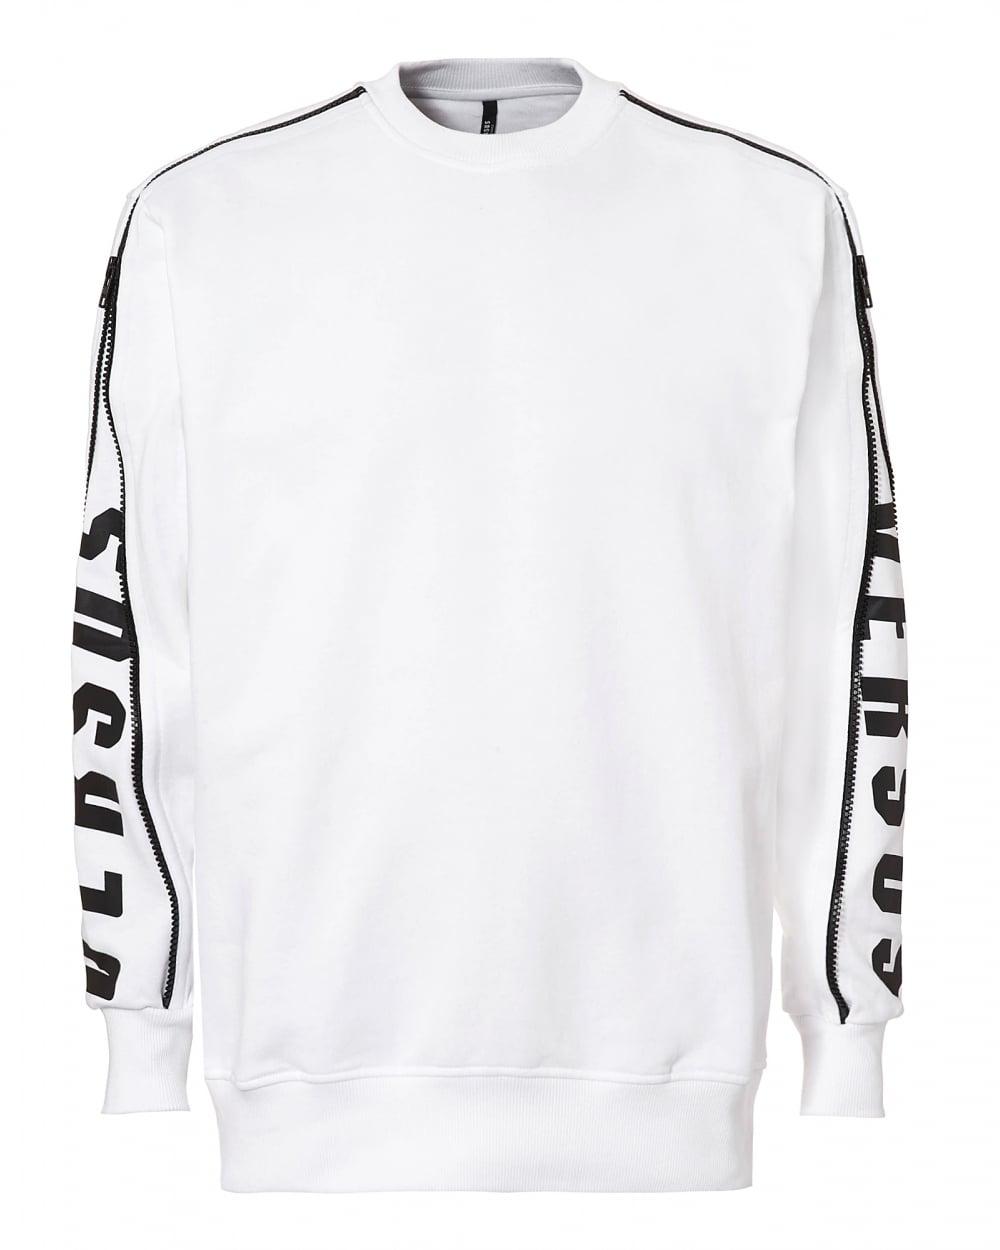 c79b5e9bcab Versus Versace Mens Arm Zip Sweatshirt